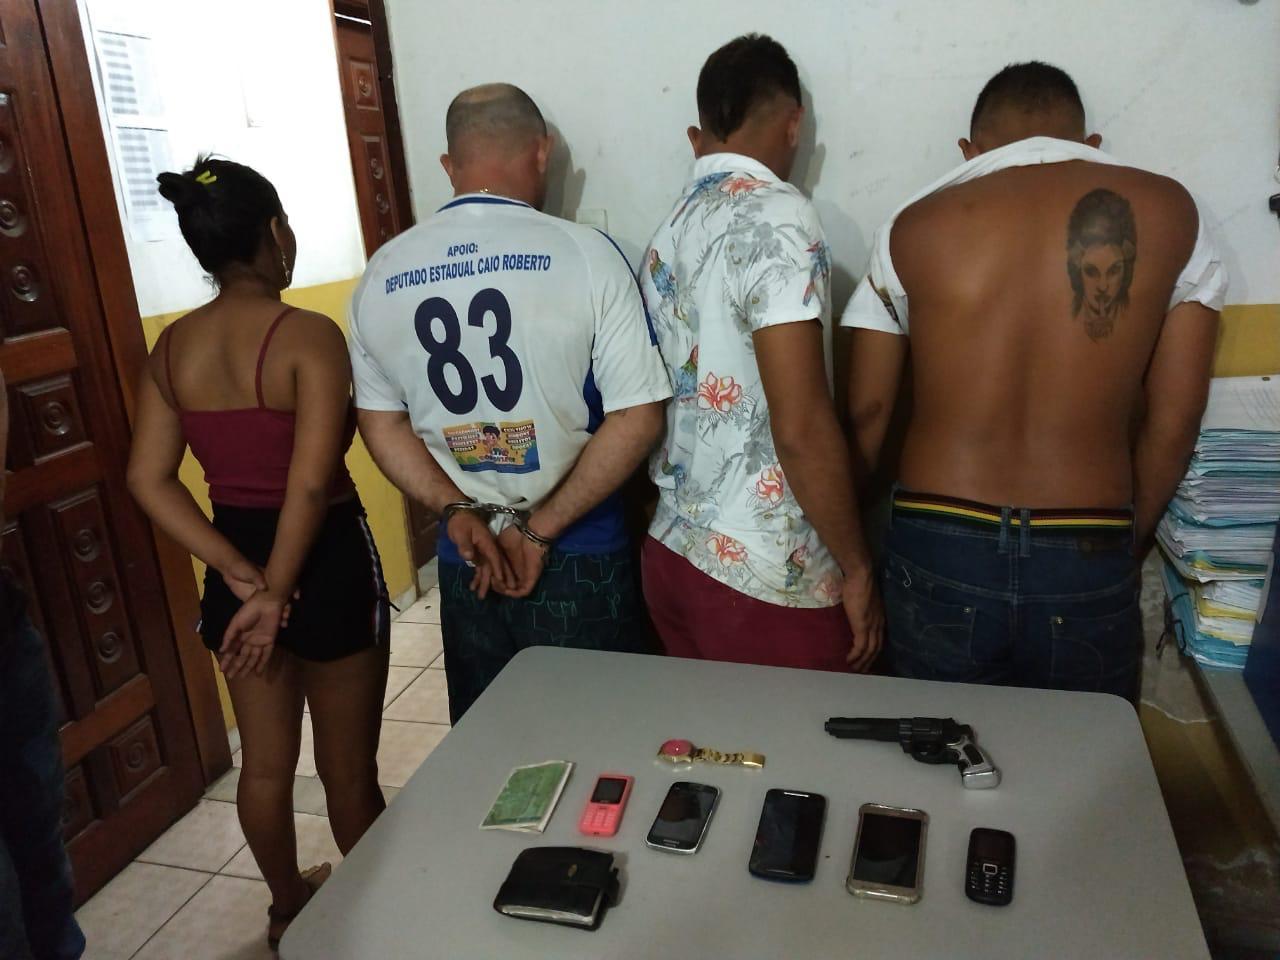 WhatsApp Image 2018 10 21 at 07.17.34 - Polícia prende acusados de assalto à pousada na Paraíba